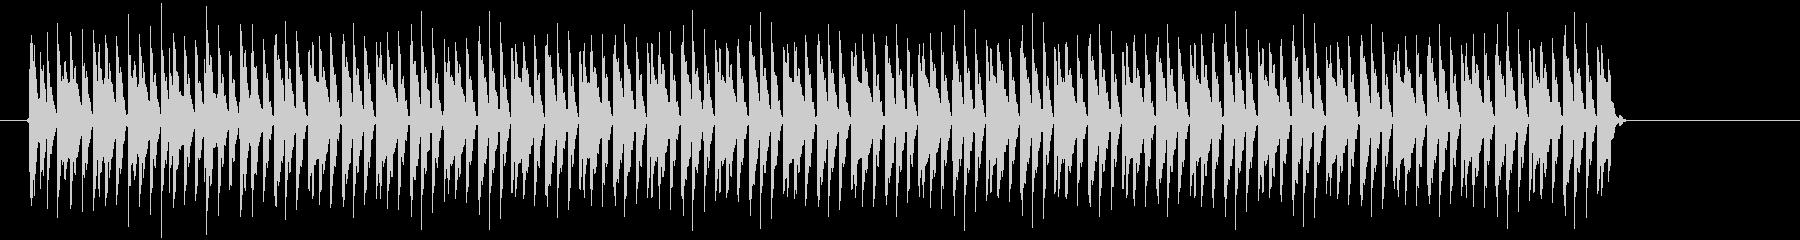 チリチリとピョコピョコの複合音の未再生の波形